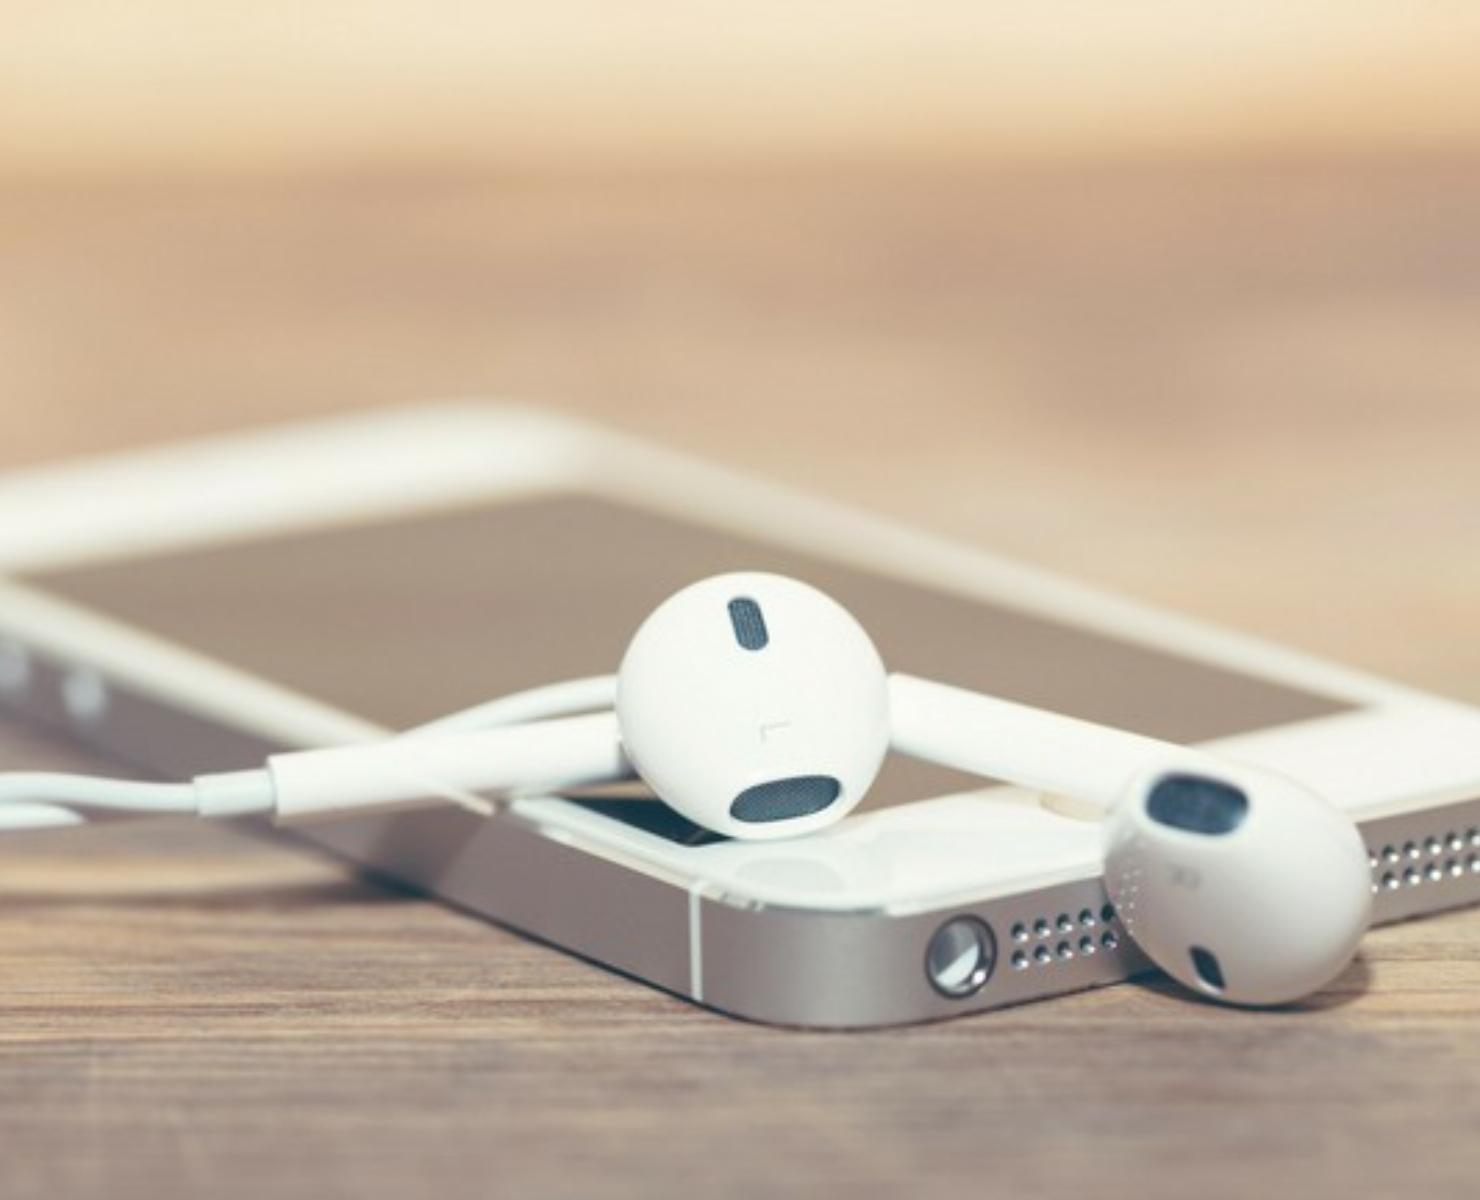 TECNOLOGIA: CELULARES PODERÃO VOLTAR A TER CHIP PARA CAPTAR RÁDIO FM